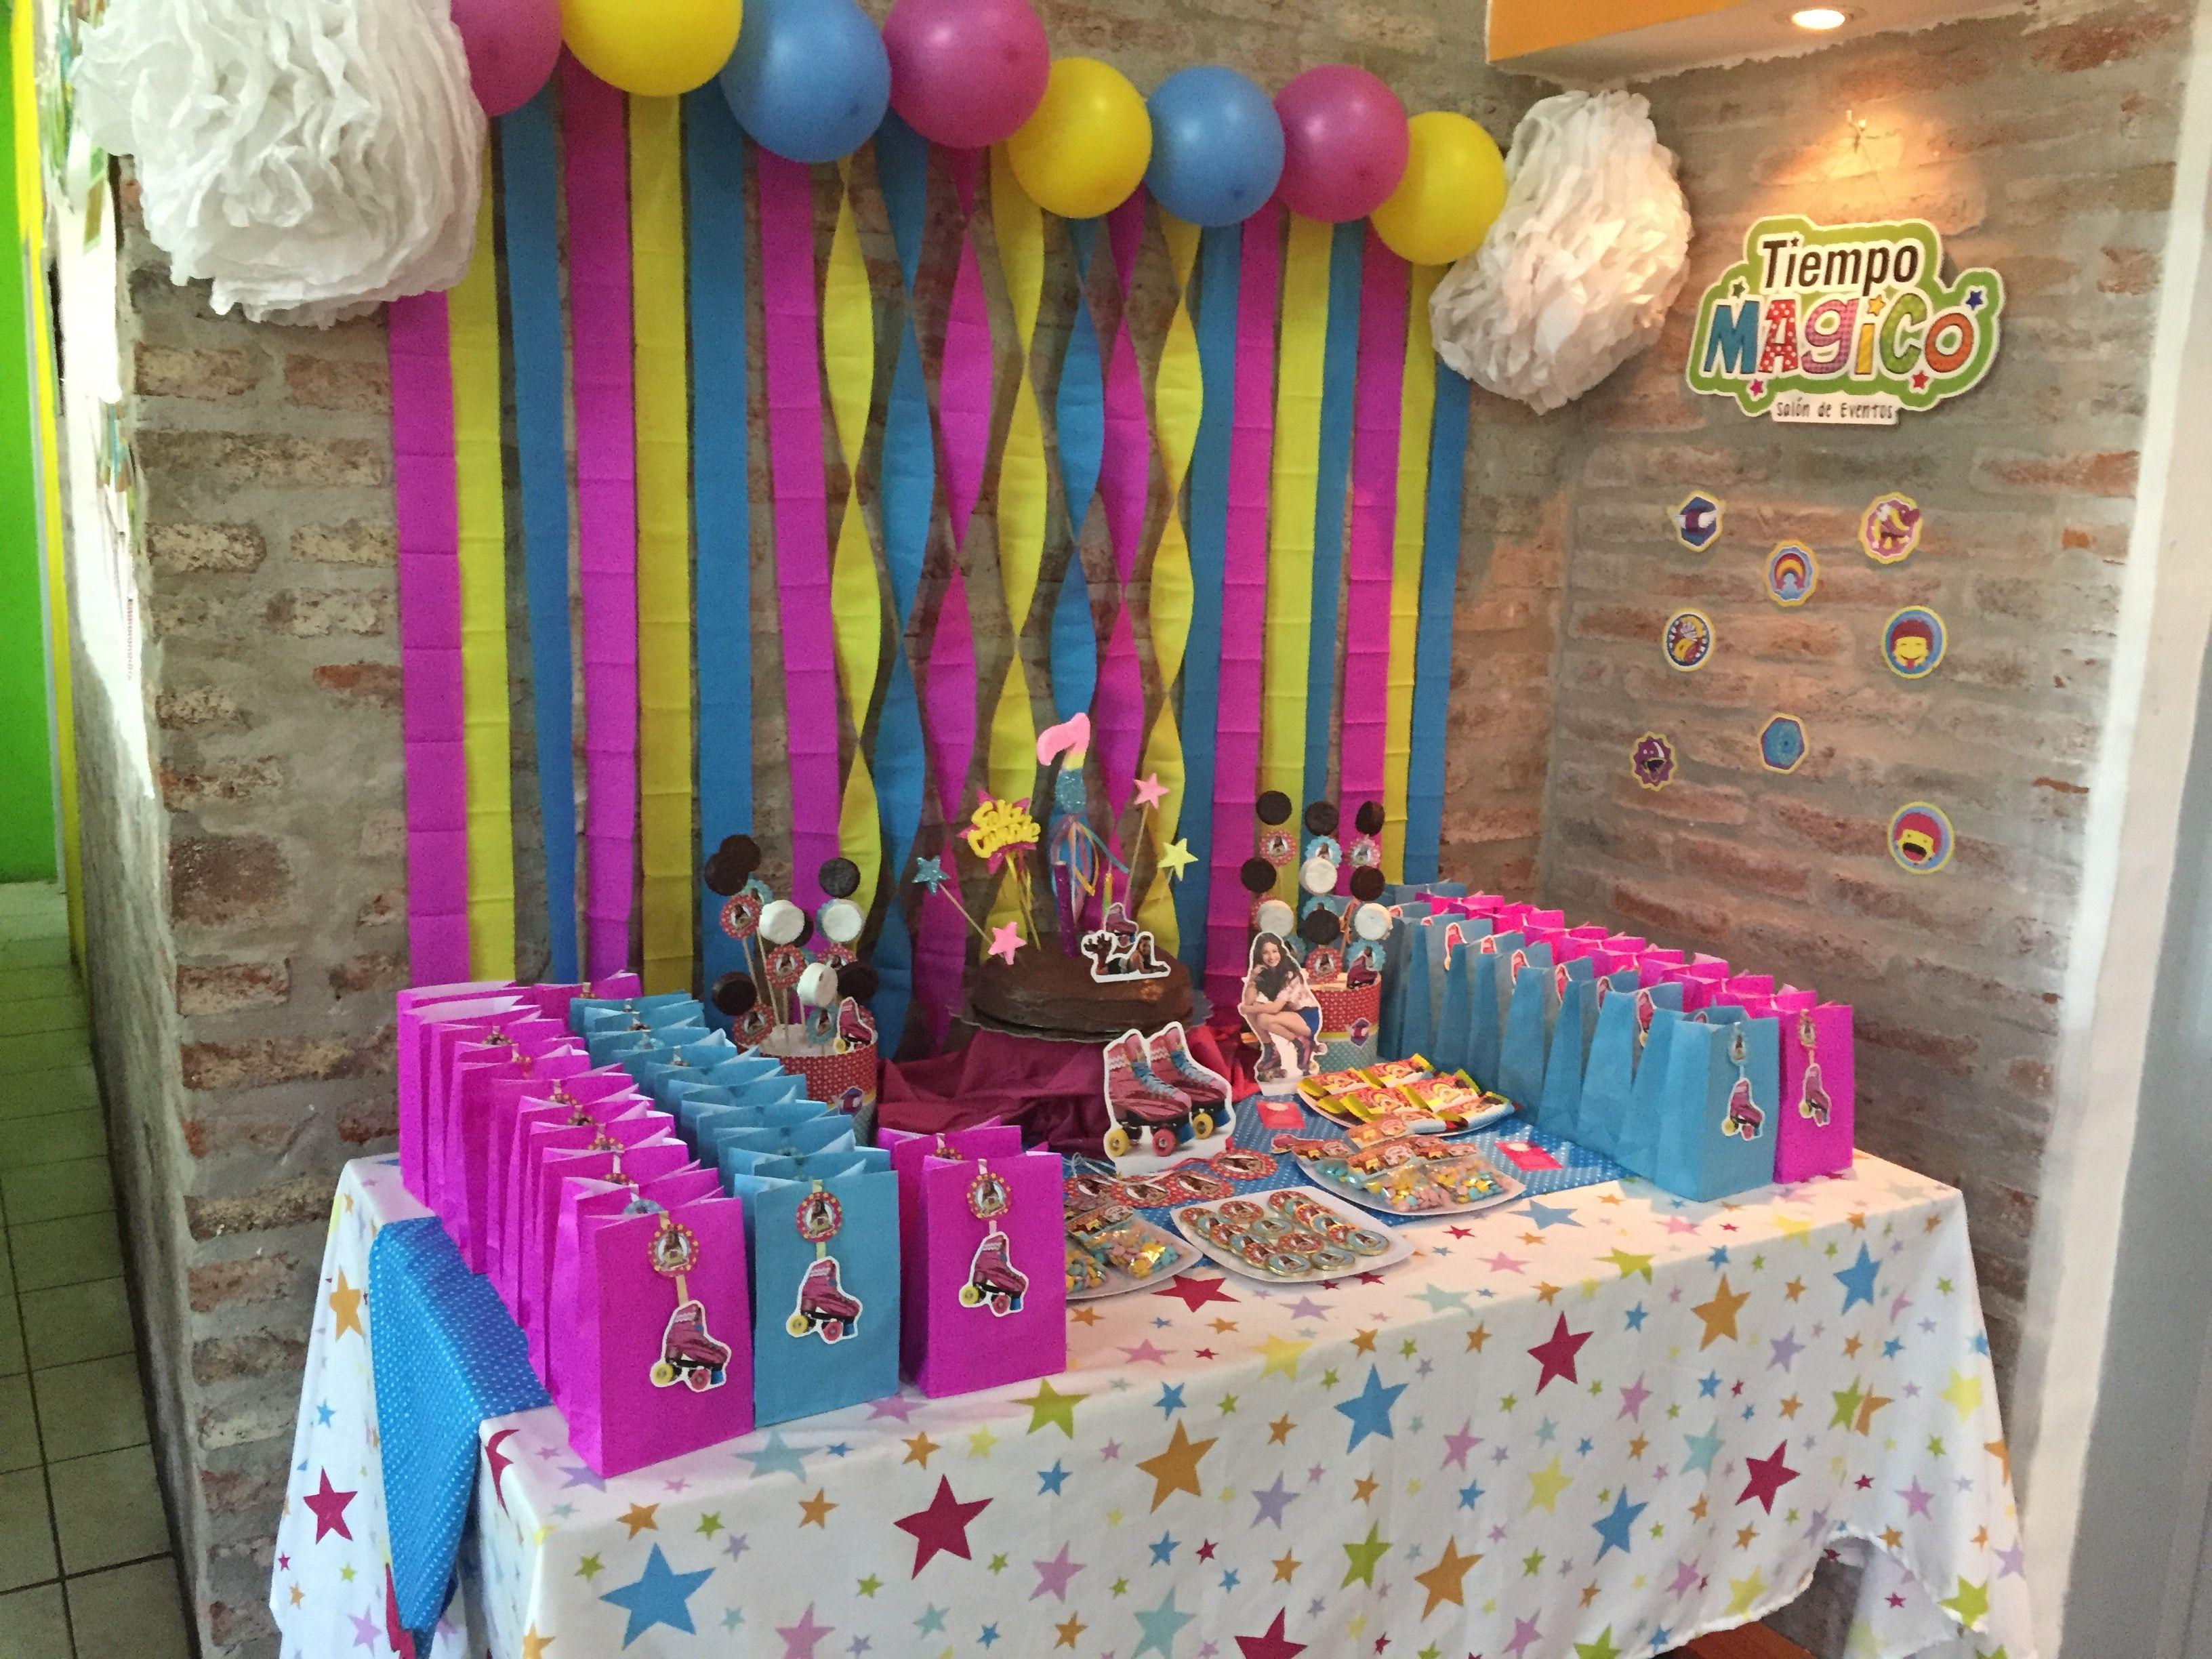 Resultado de imagen para soy luna fiesta decoraci n de cumplea os birthday birthday parties - Decoraciones originales para casas ...